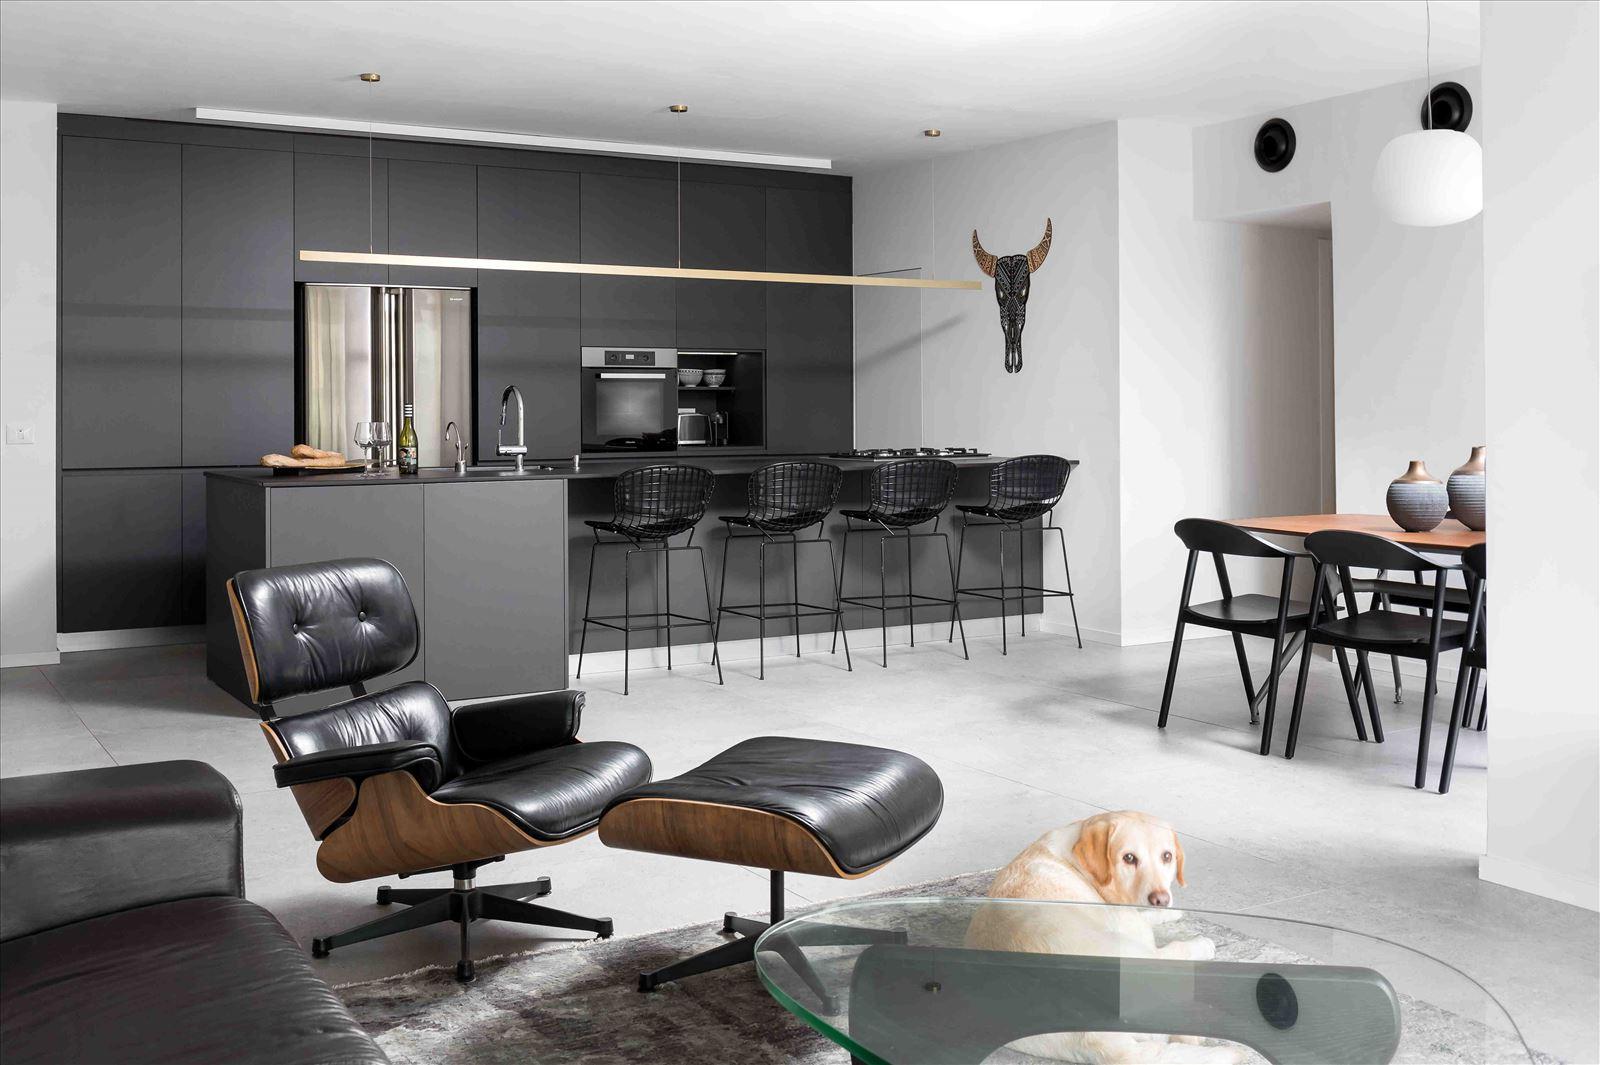 Apartment in North Tel Aviv התאורה בדירה נעשתה על ידי קמחי תאורה